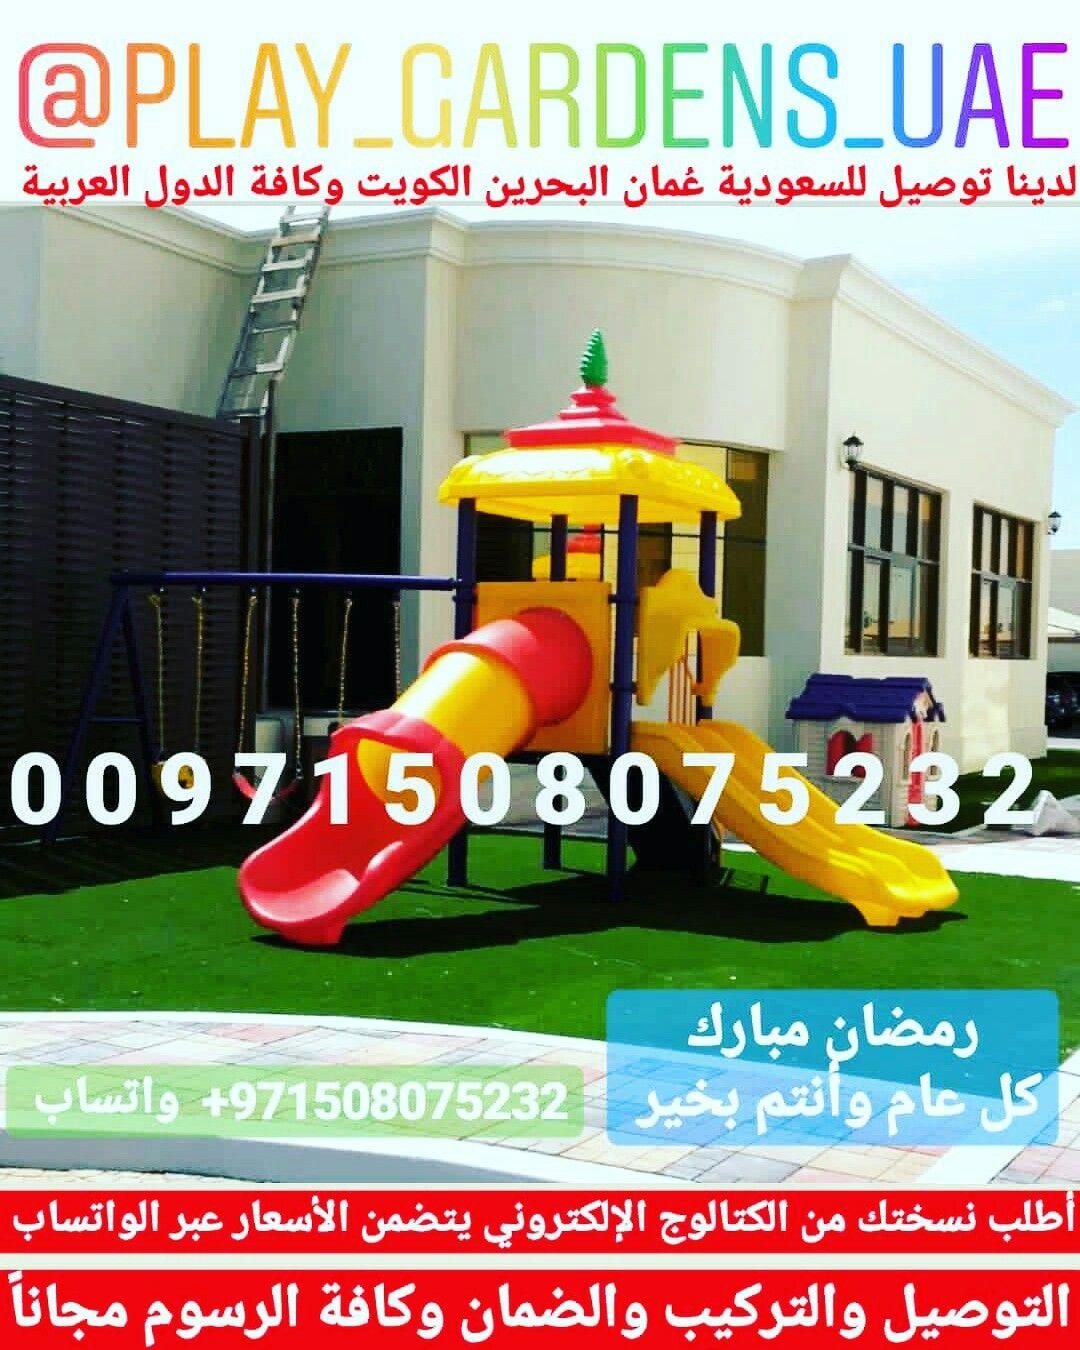 ألعاب الحدائق ألعاب أطفال ألعاب بلدية ألعاب حديقة مراجيح زحاليق مريحانة مرجوحة السعودية الإمارات Park Slide Park Structures